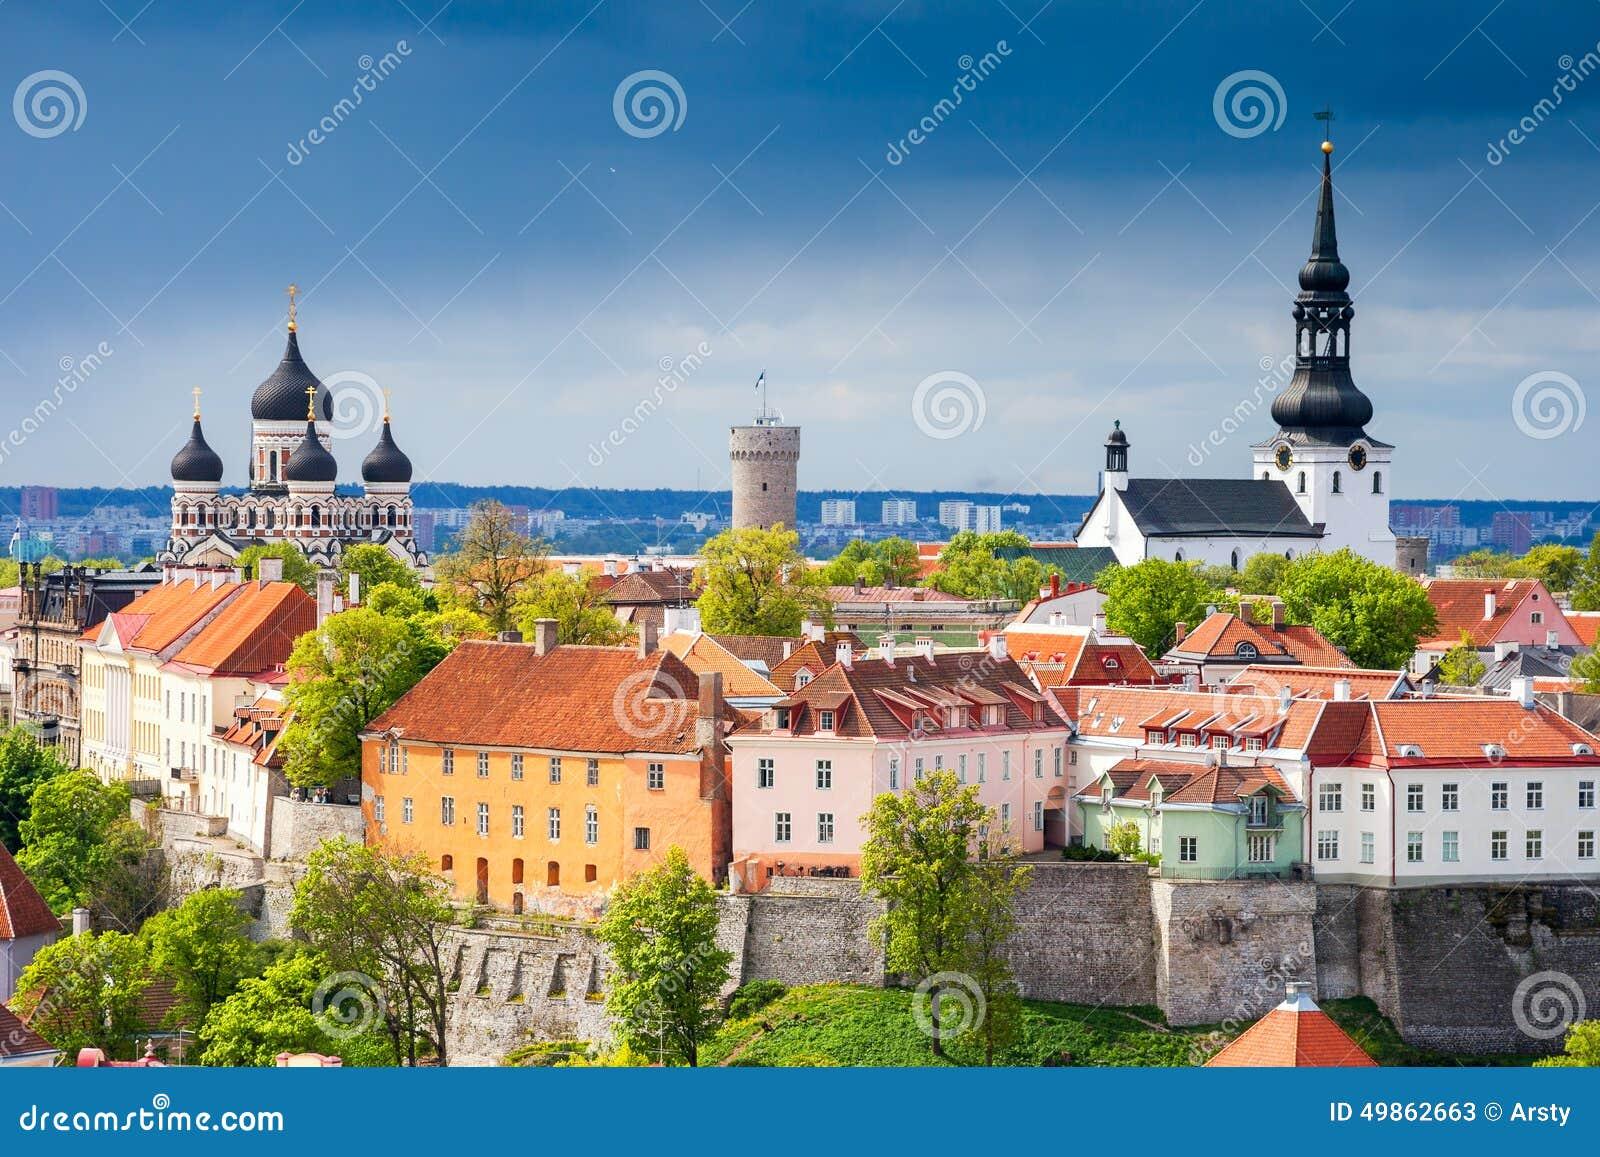 городской пейзаж эстония tallinn эстония